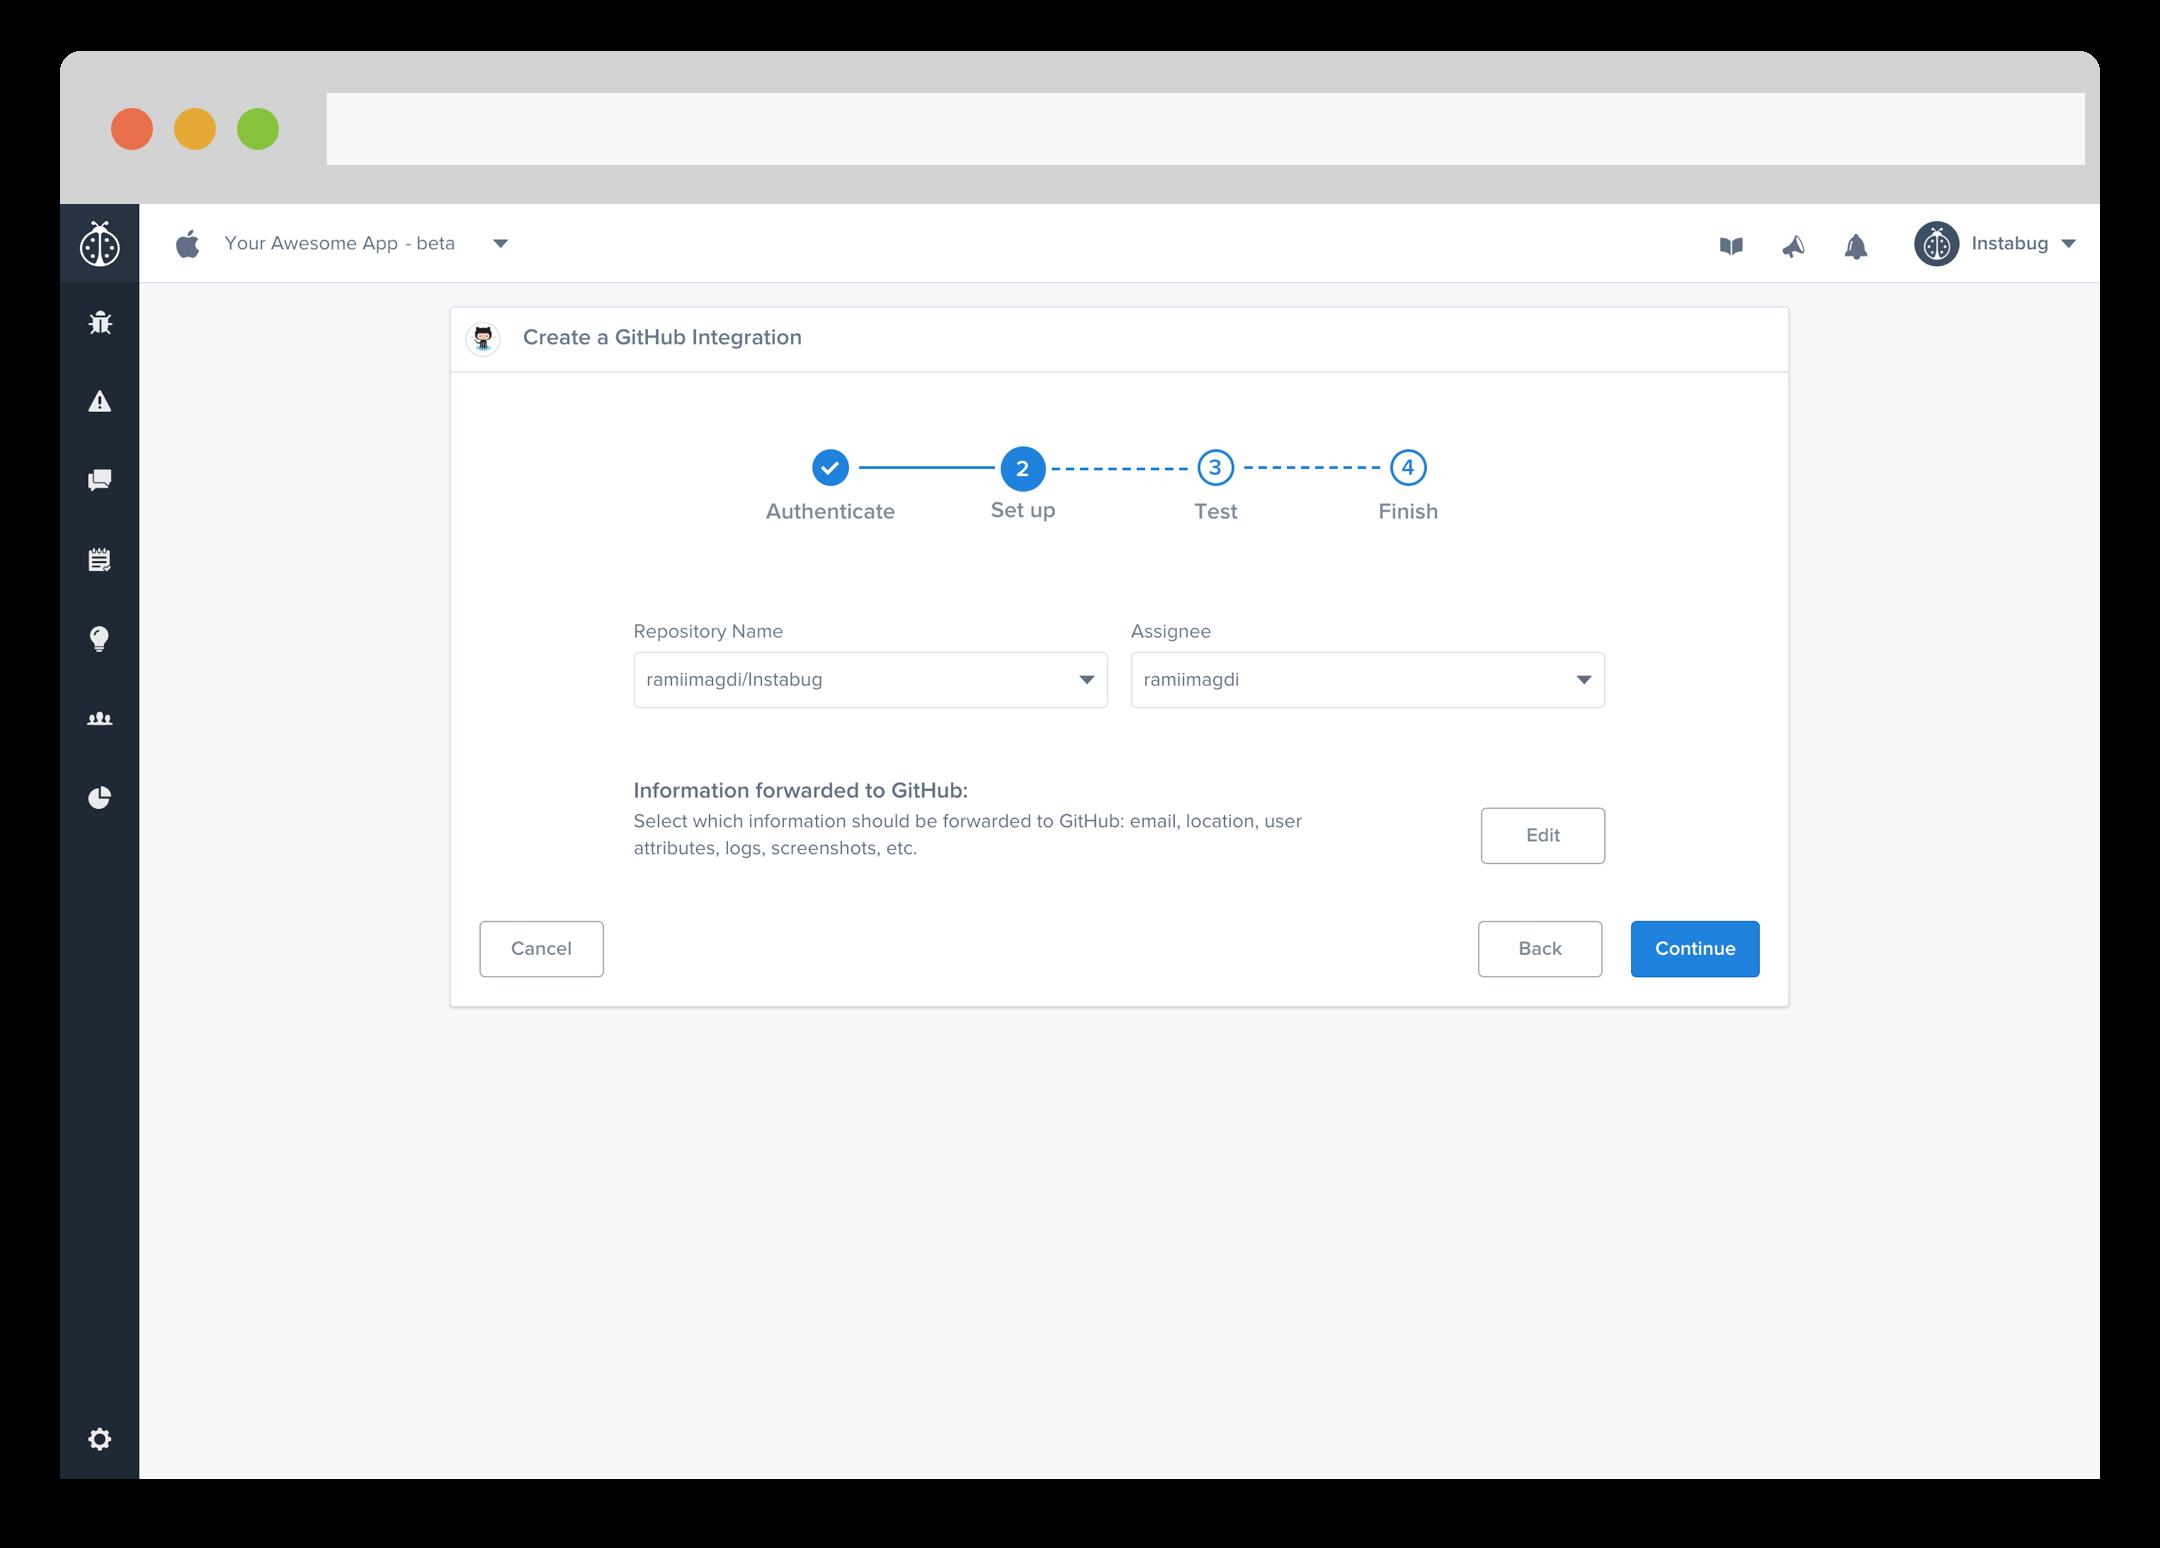 instabug github integration: integration setup page